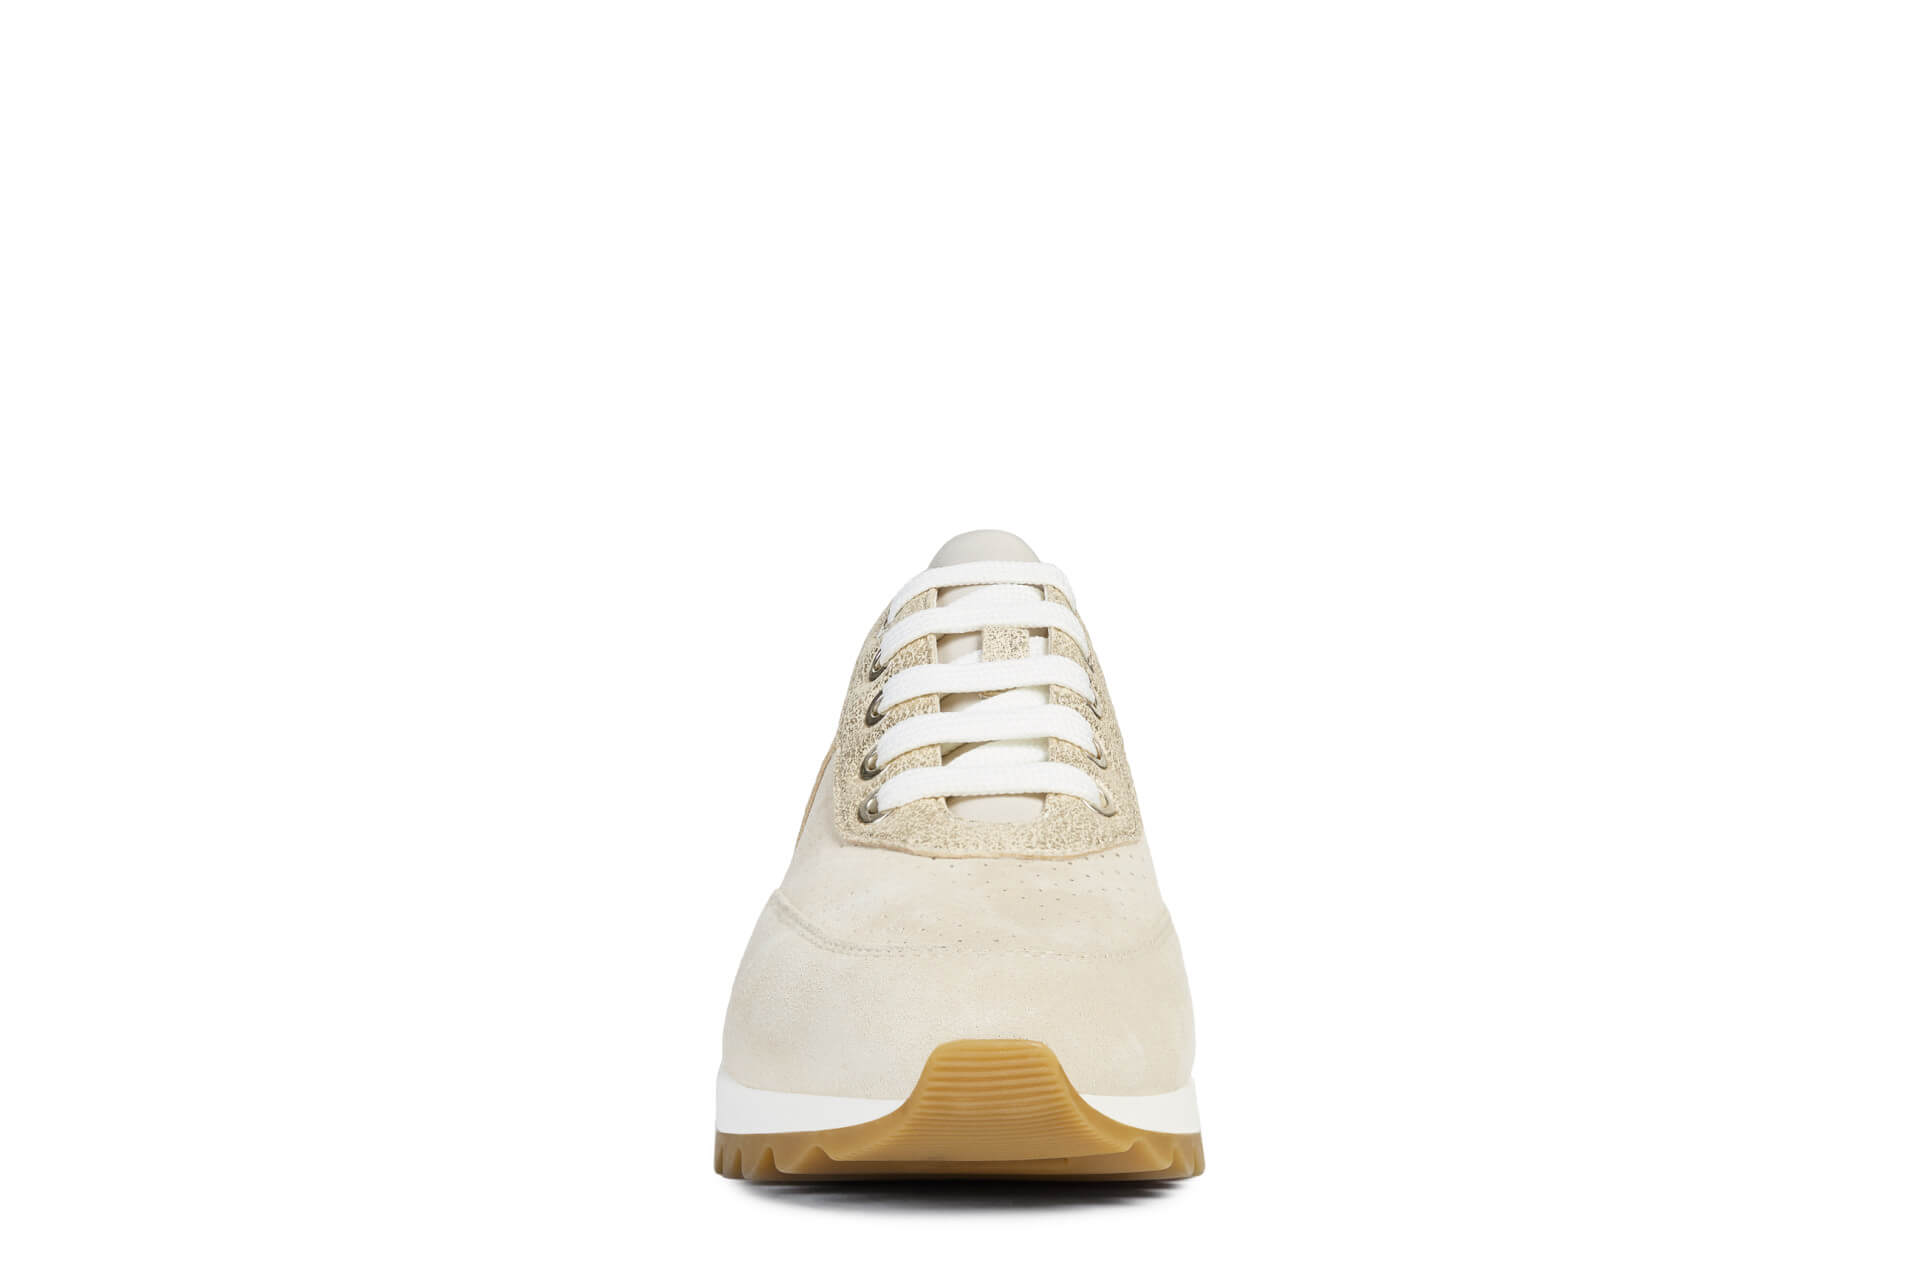 Geox Női cipő Tabelya B krém   Lt Gold D84AQB-022BN-C5K2L Új. Előző   Következő   341a74bafa